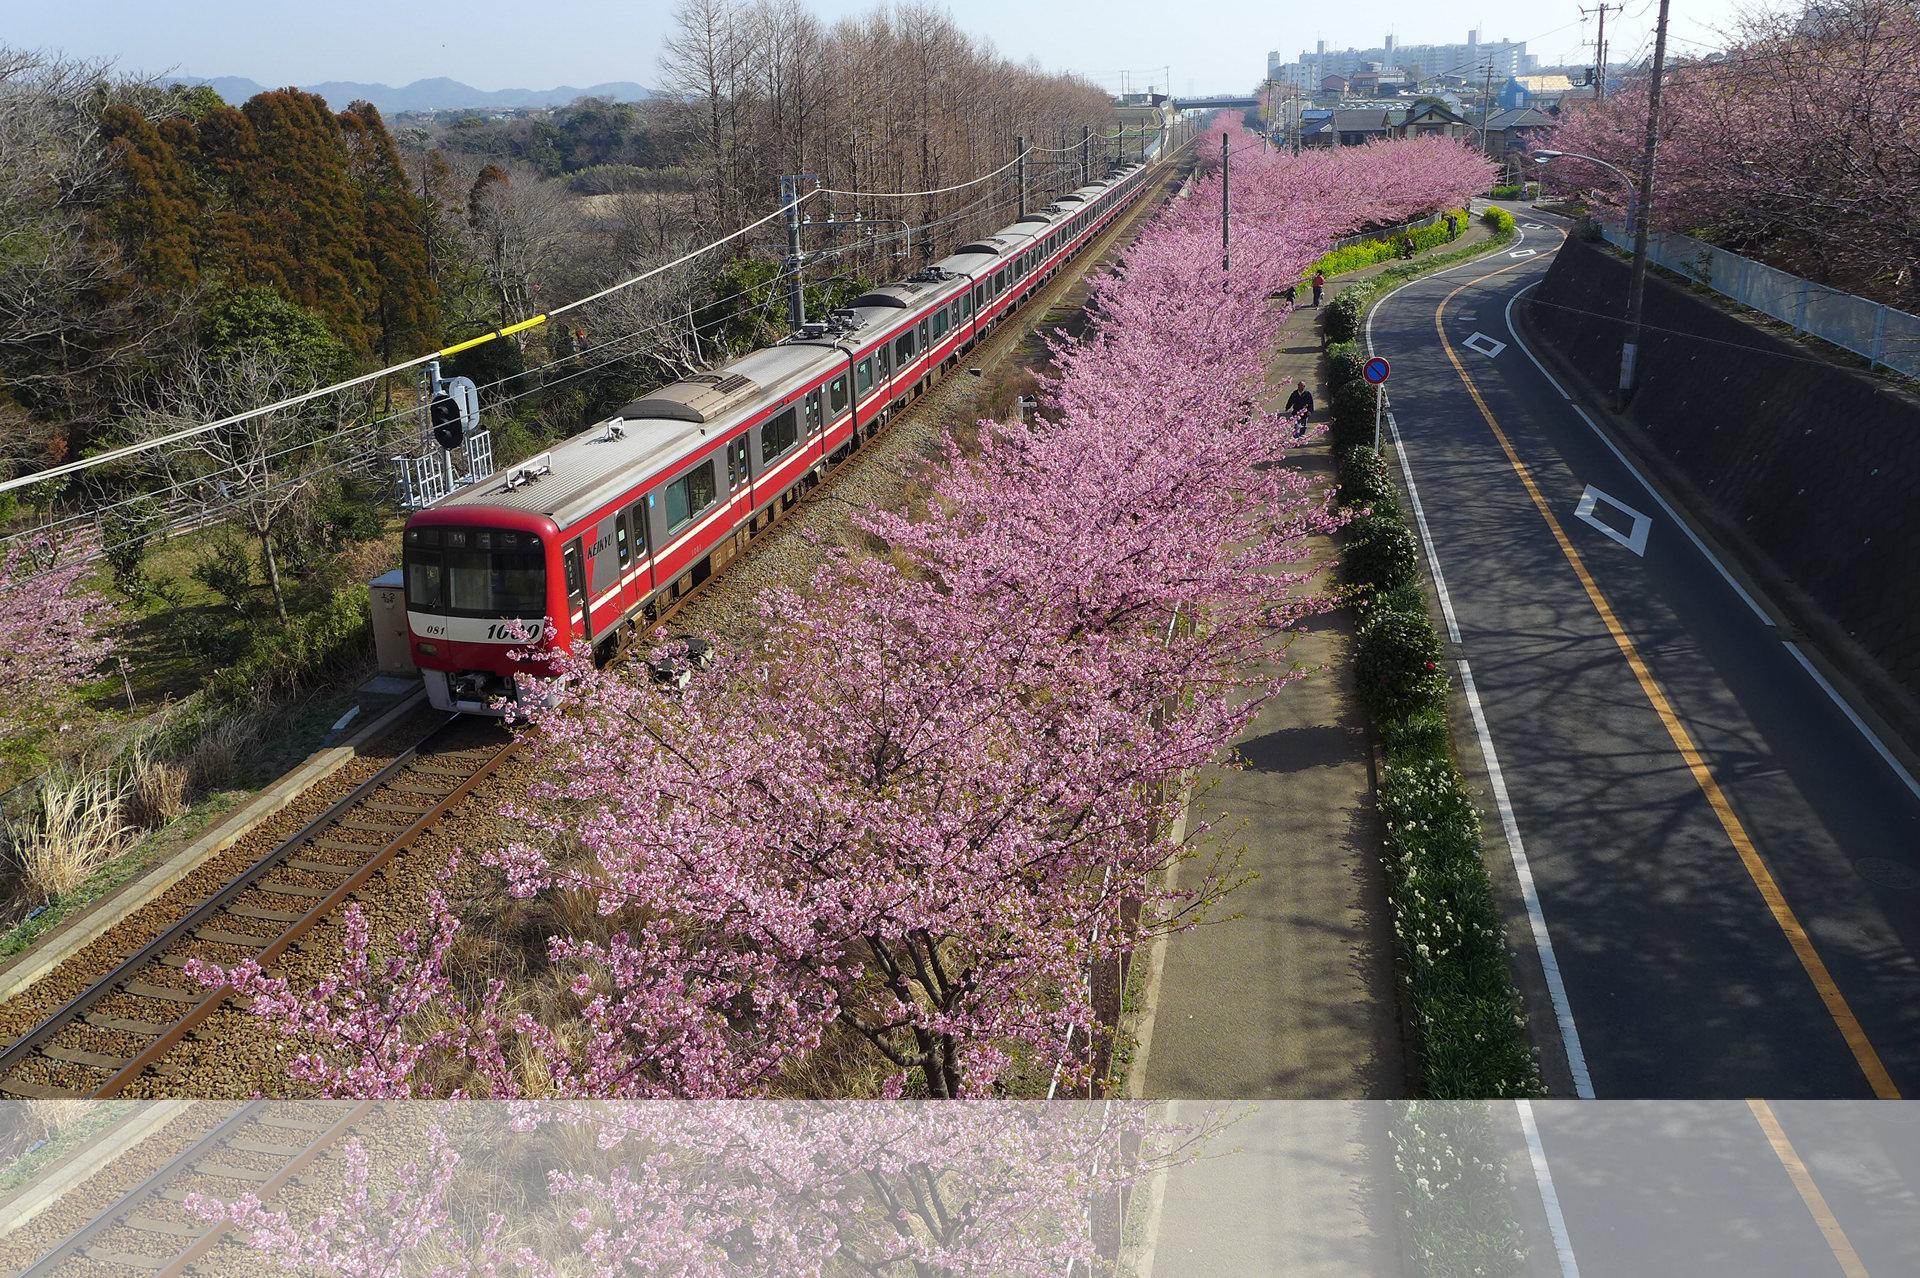 早咲きの河津桜はマホロバから歩いて10分